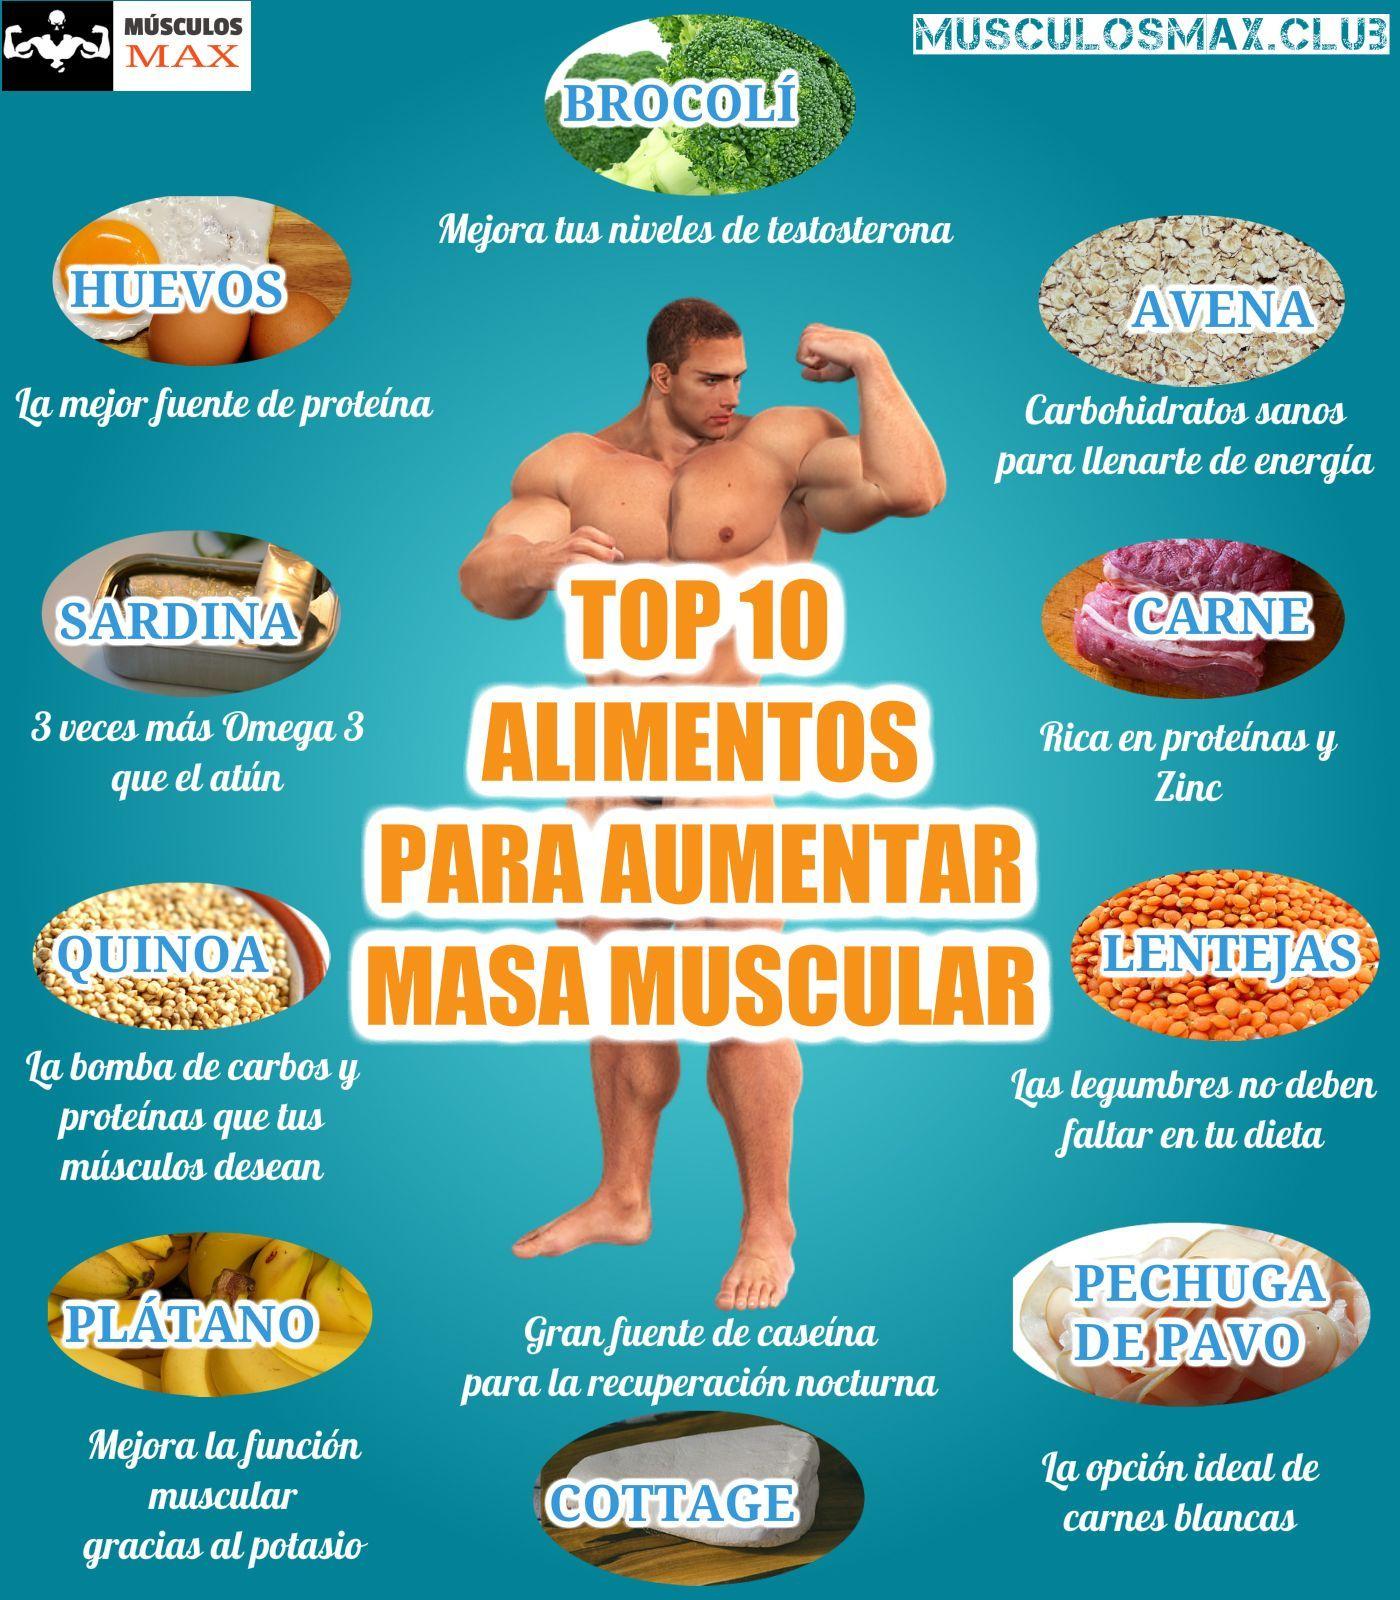 Los Mejores 10 Alimentos Para Aumentar Masa Muscular Nutricion Dieta Alimento Dietas Para Masa Muscular Alimentos Aumentar Masa Muscular Dieta Masa Muscular